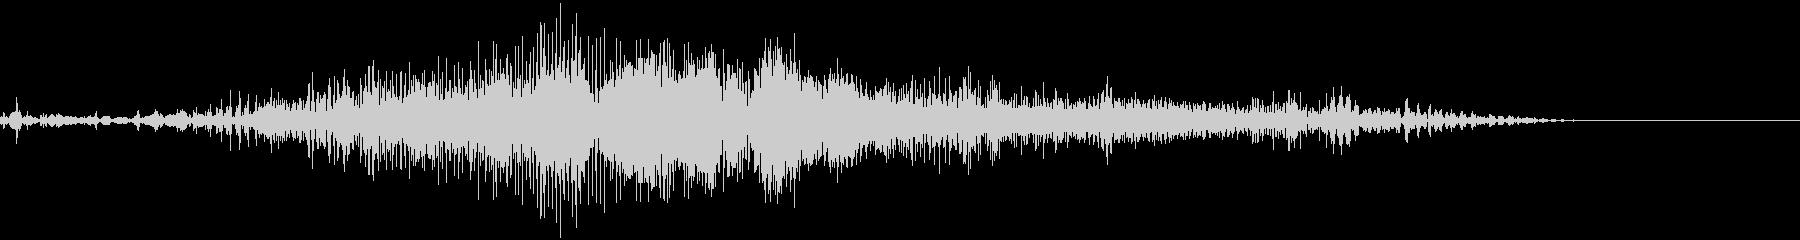 ジッパーを開く音の未再生の波形